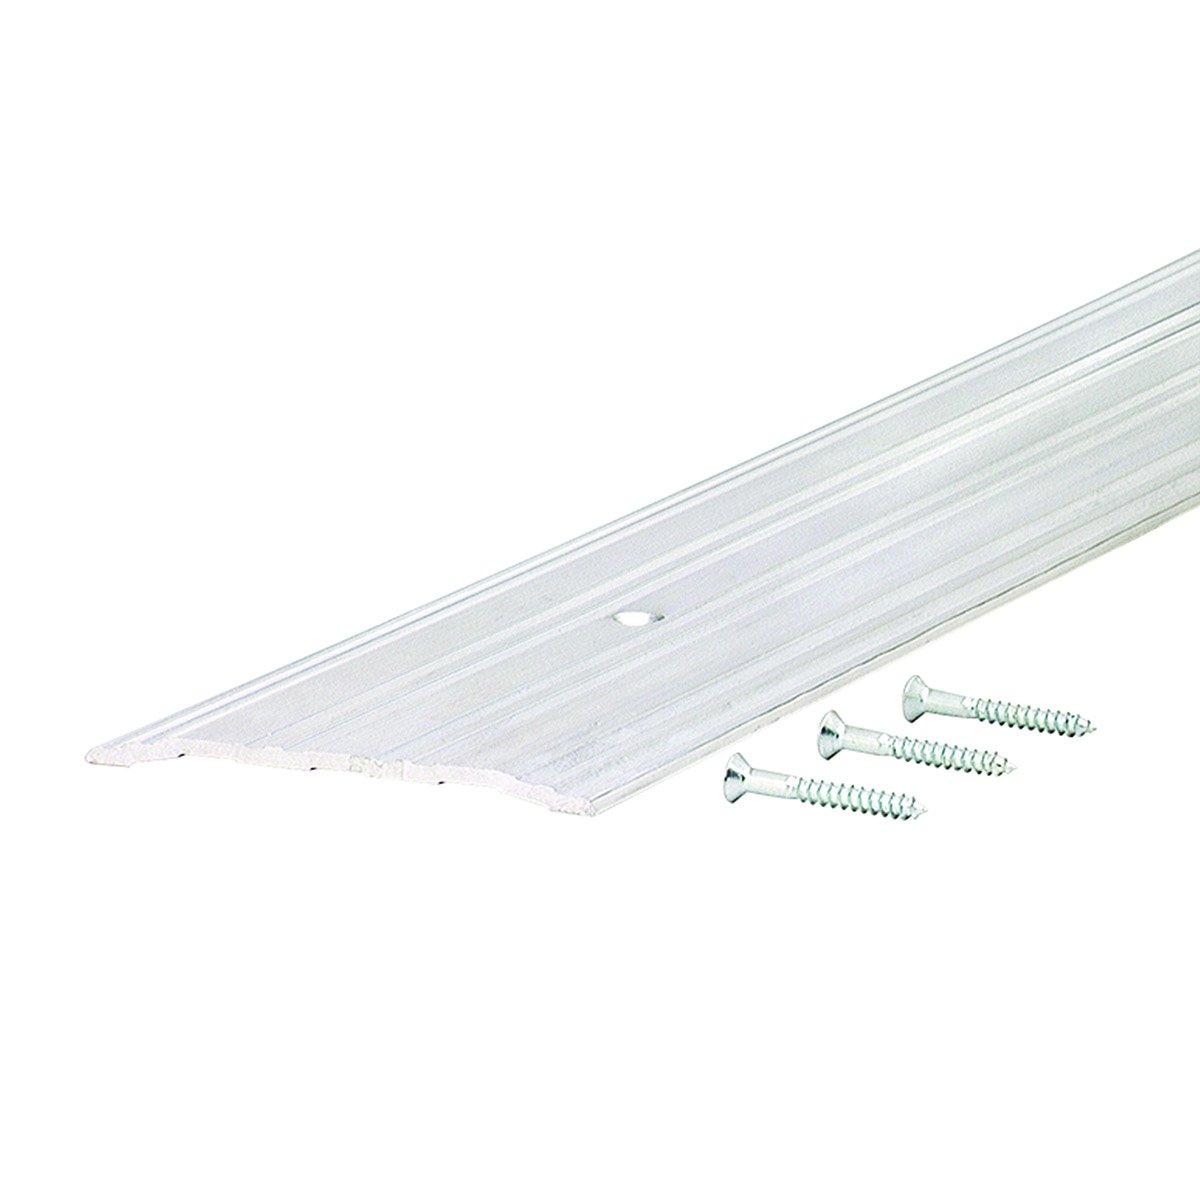 Commercial 5'' Wide Low Fluted Top Aluminum Door Threshold -#99063